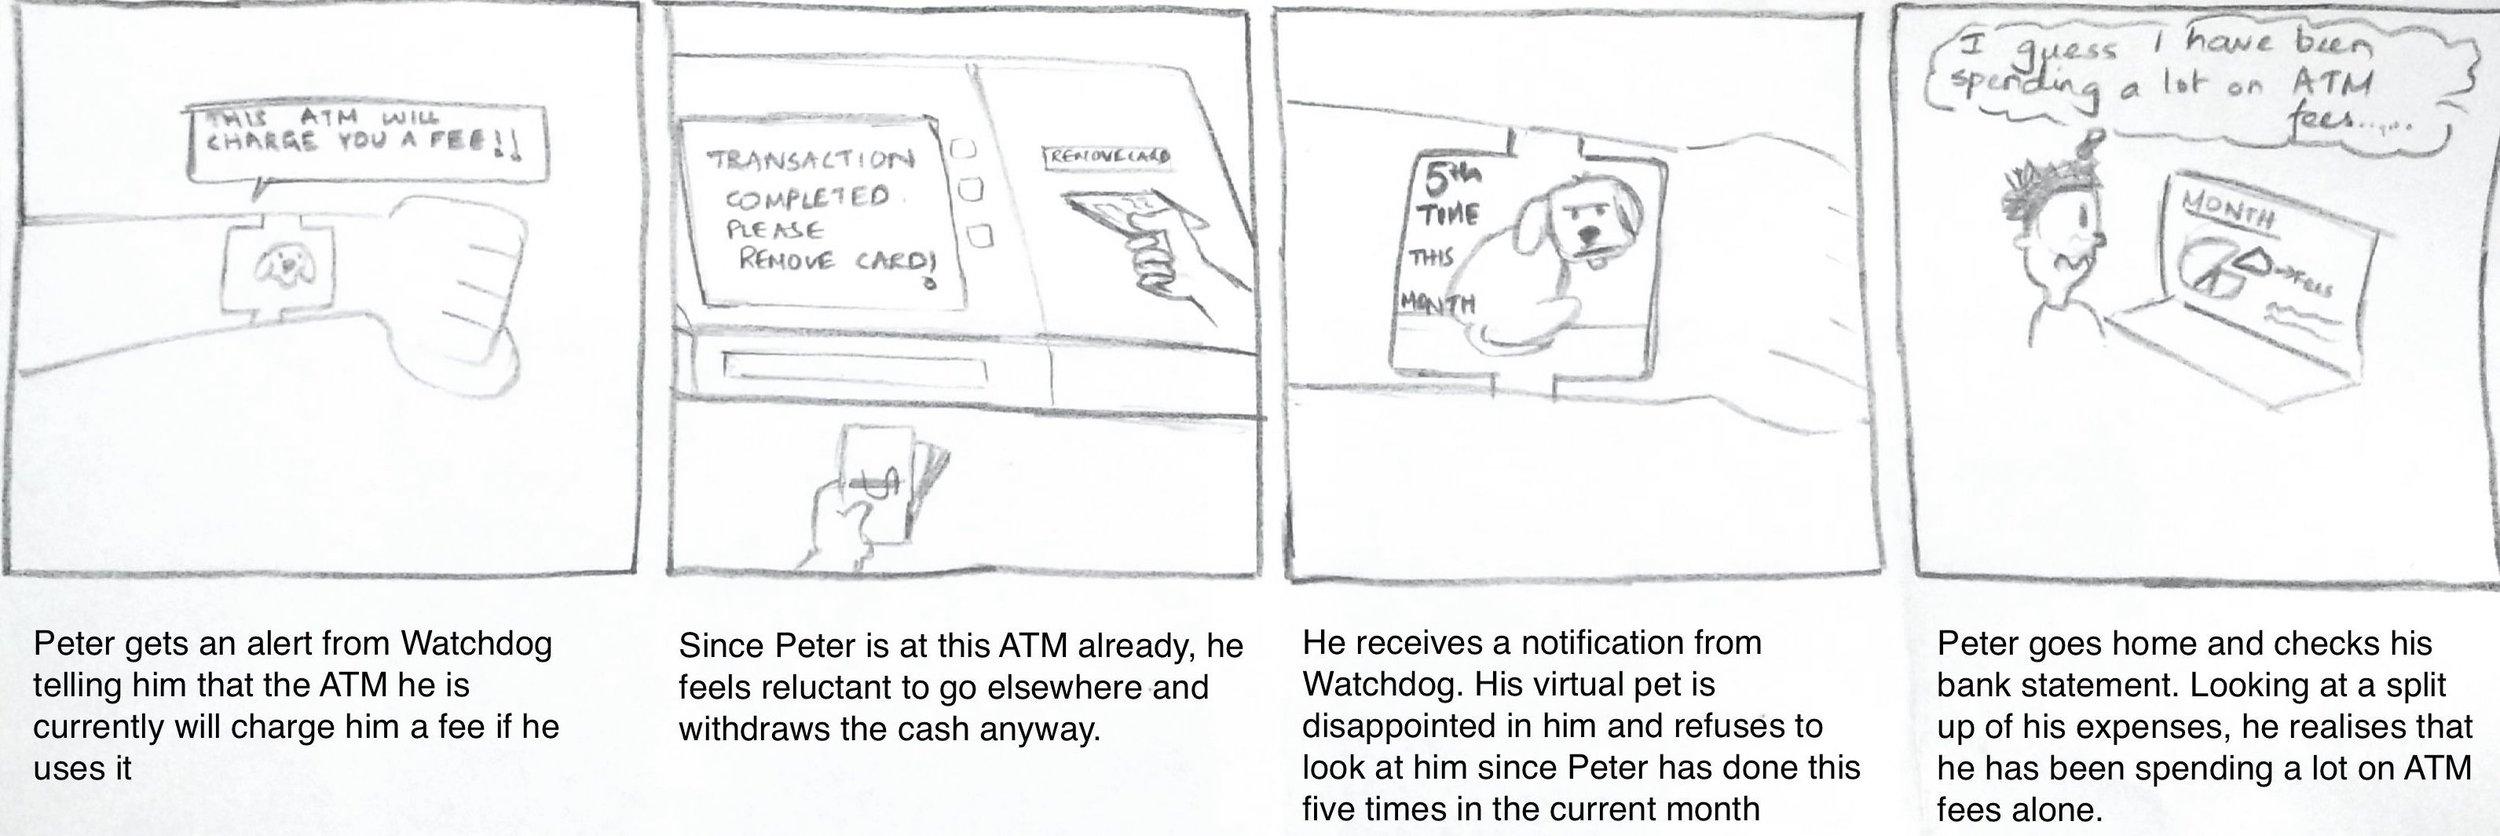 PayingATMfees_2 (1).jpg